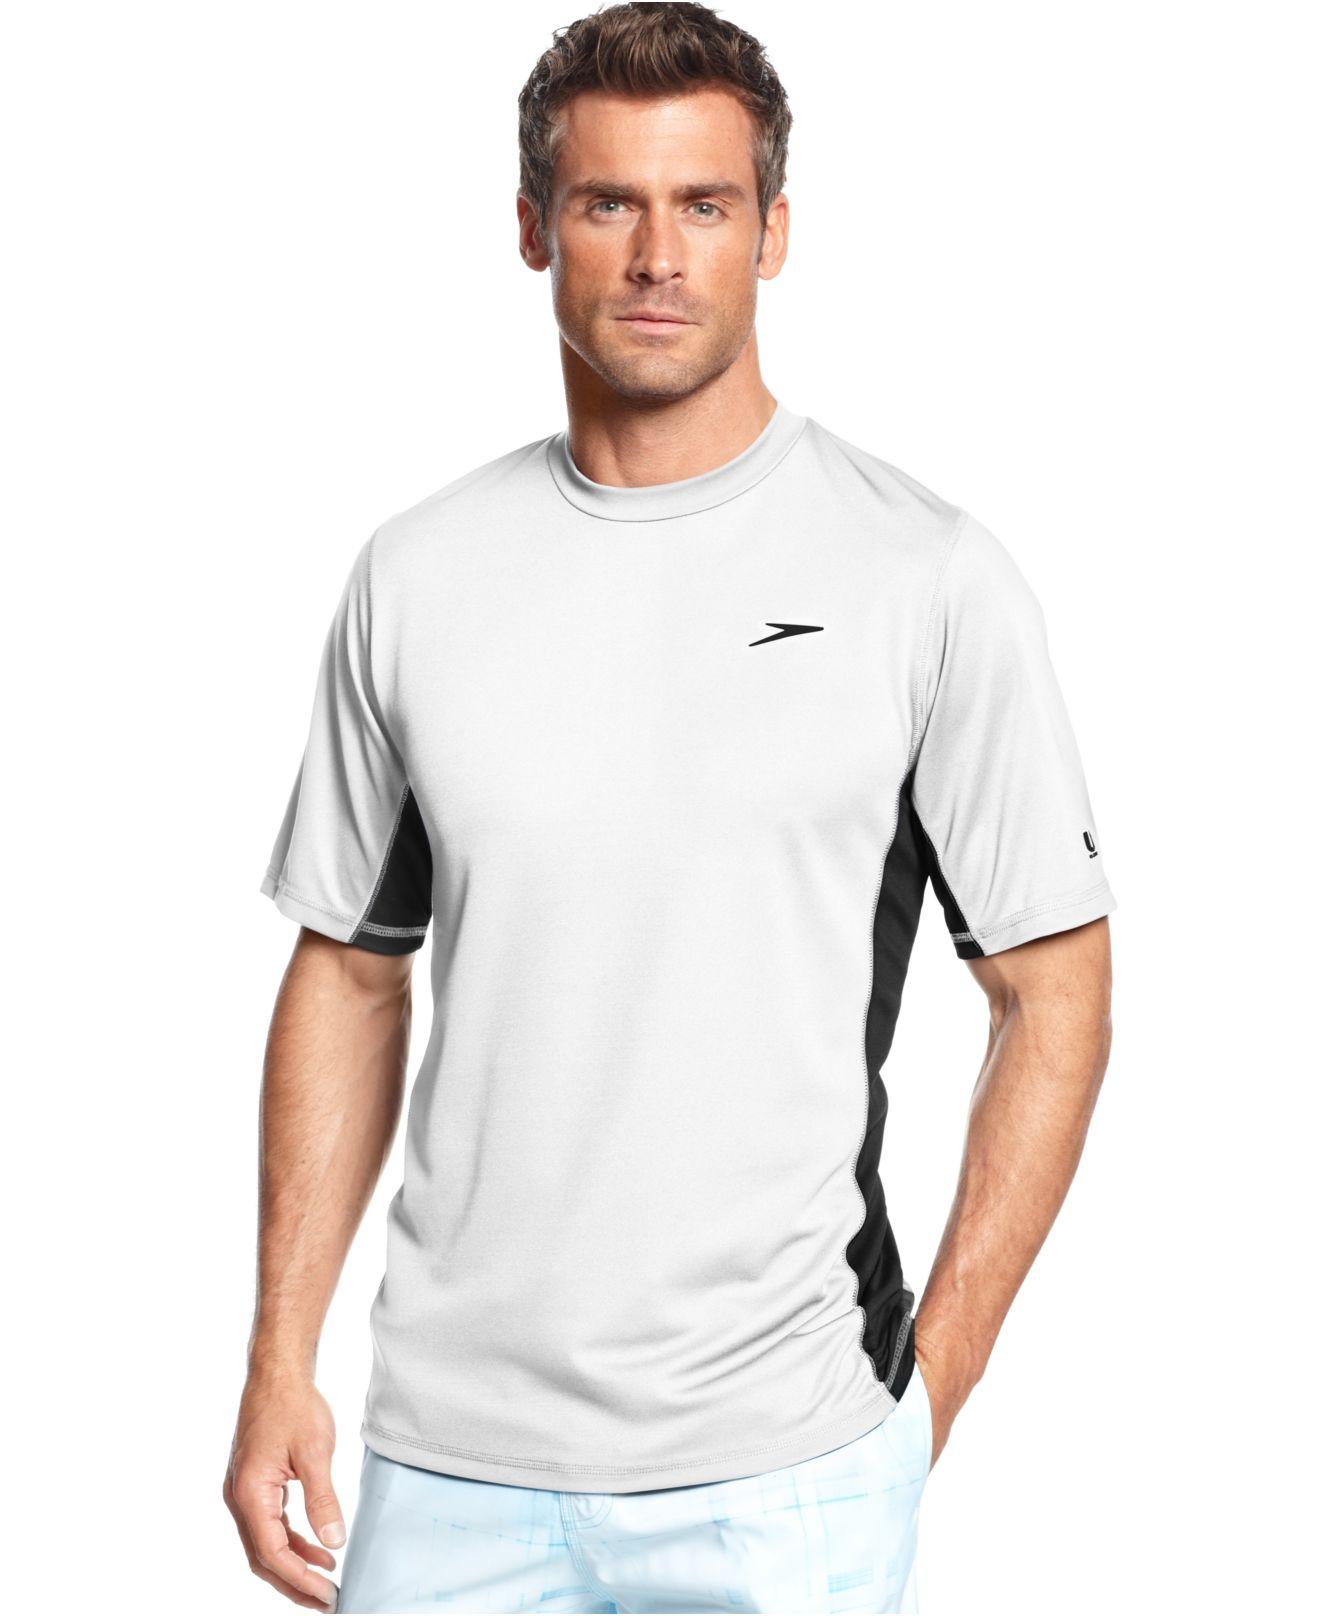 Speedo performance uv protection longview short sleeve for Men s uv swim shirt short sleeve